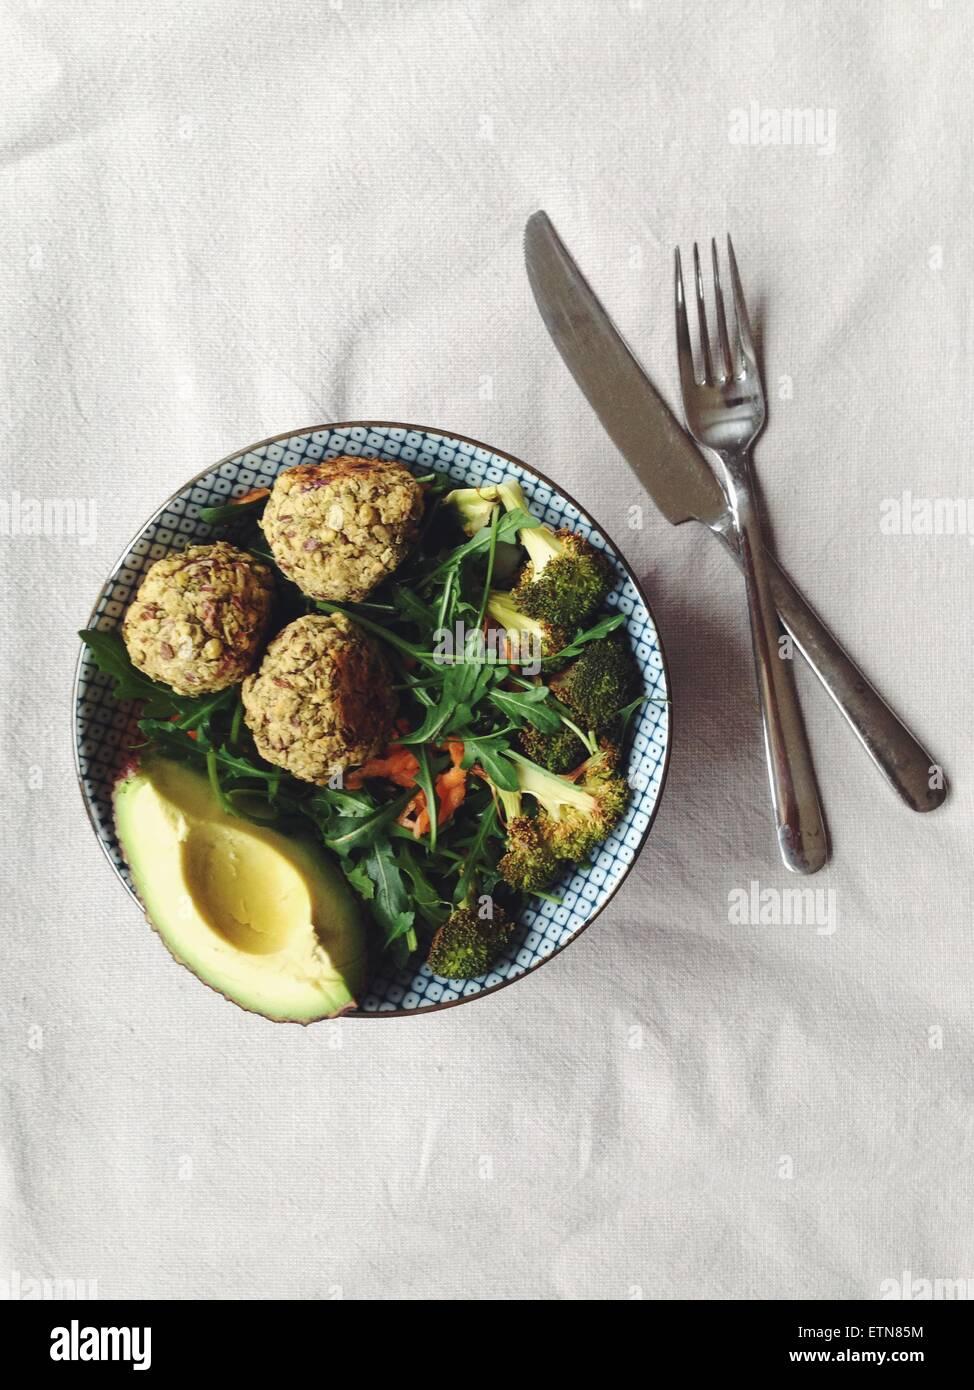 Ensalada Falafel cocido Foto de stock